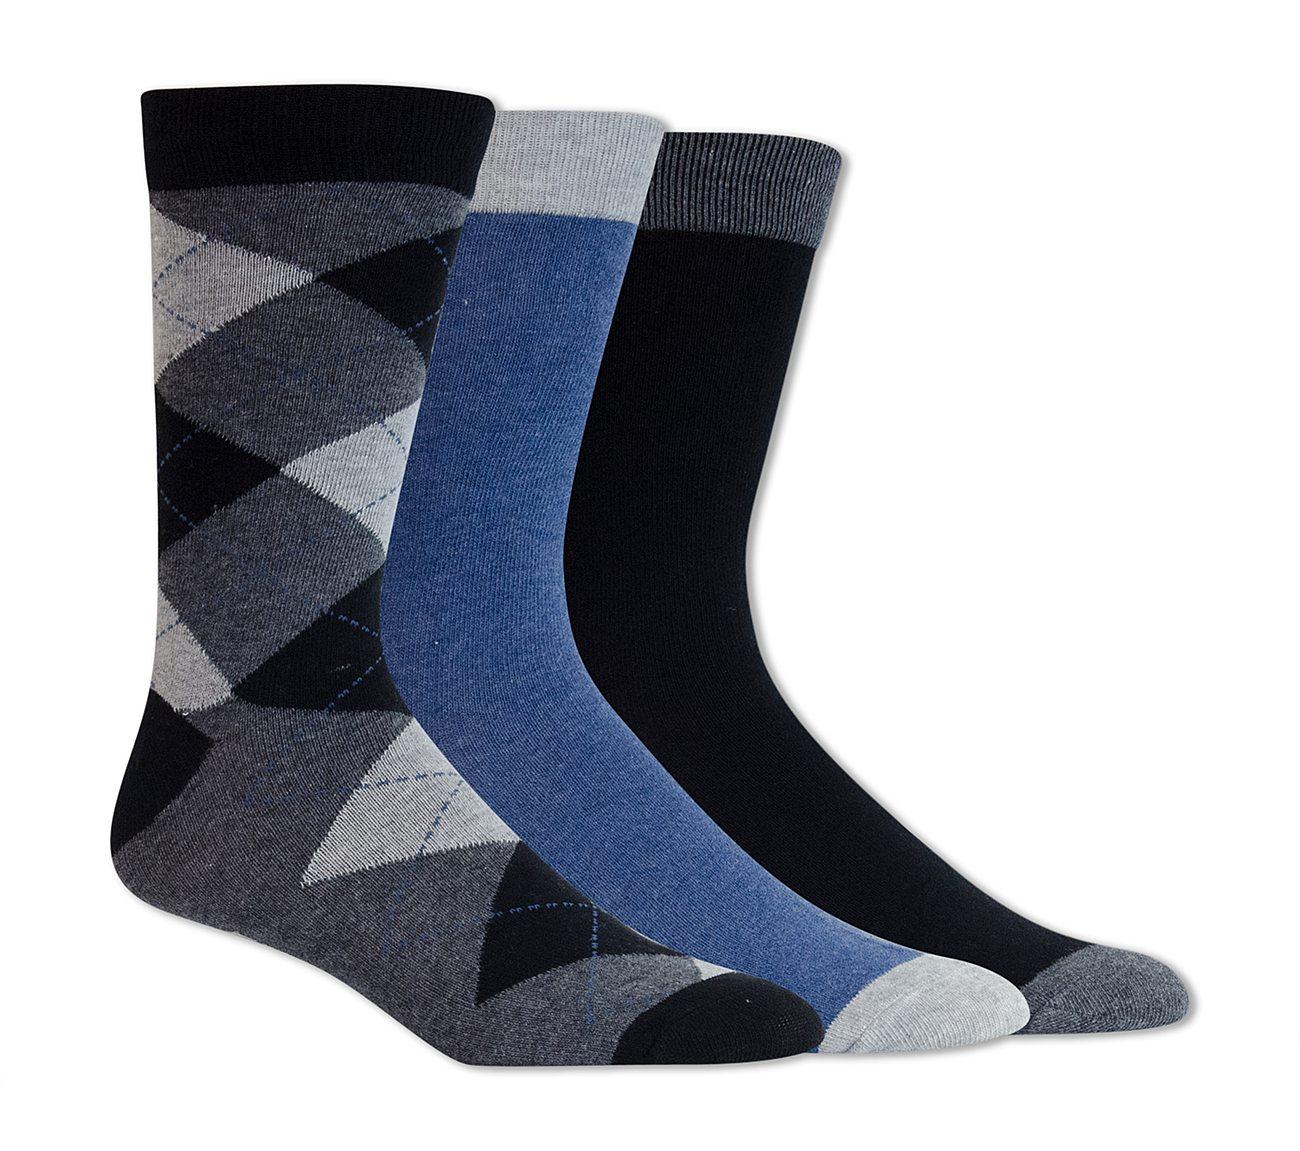 3 Pack Argyle Crew Socks